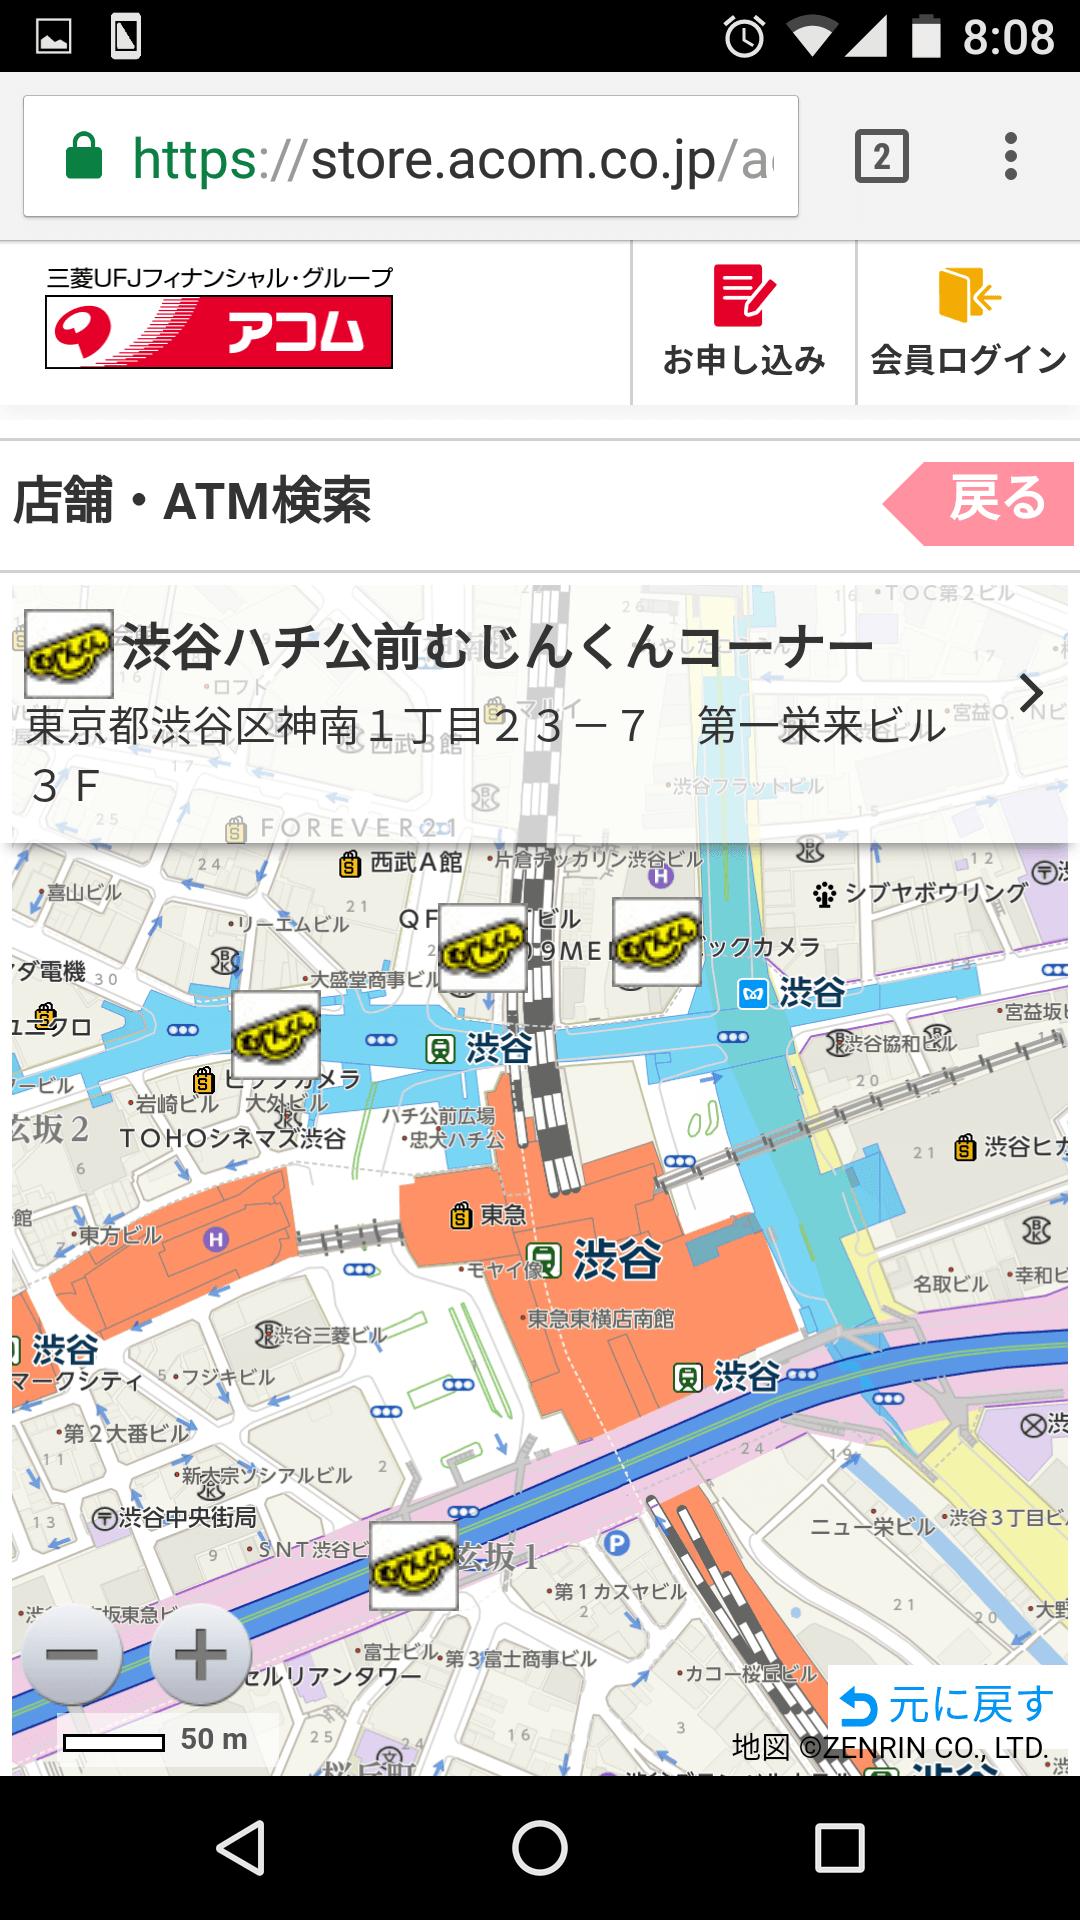 「渋谷ハチ公前むじんくんコーナー」